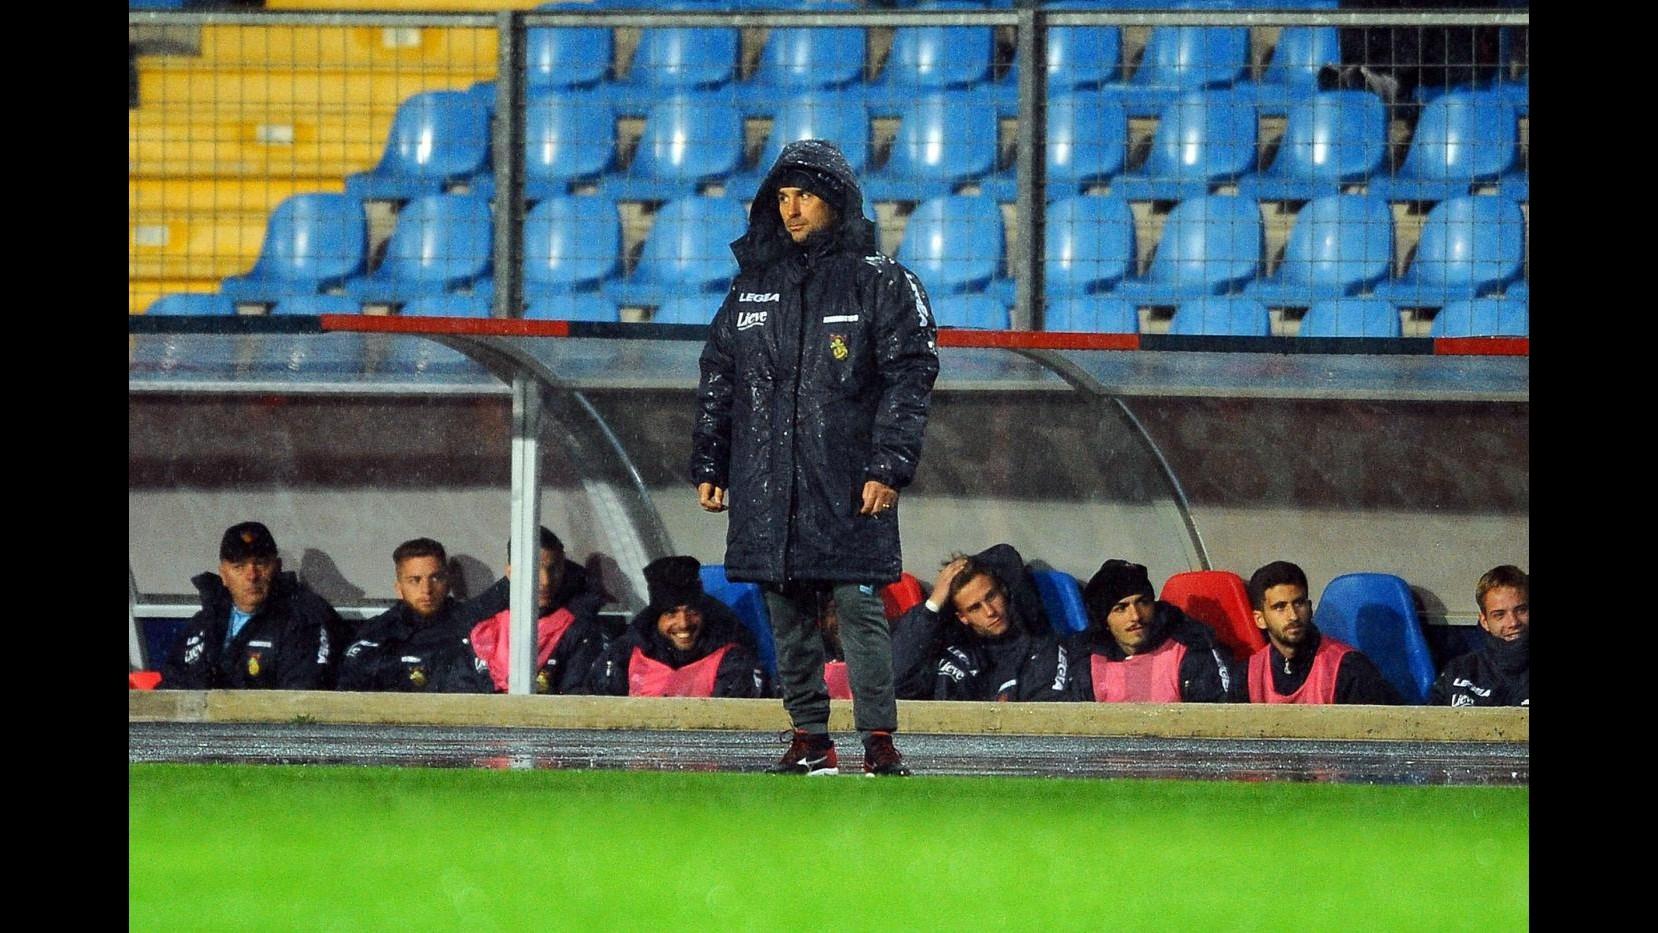 FOTO Lega Pro, Gubbio vs Forlì 1-0